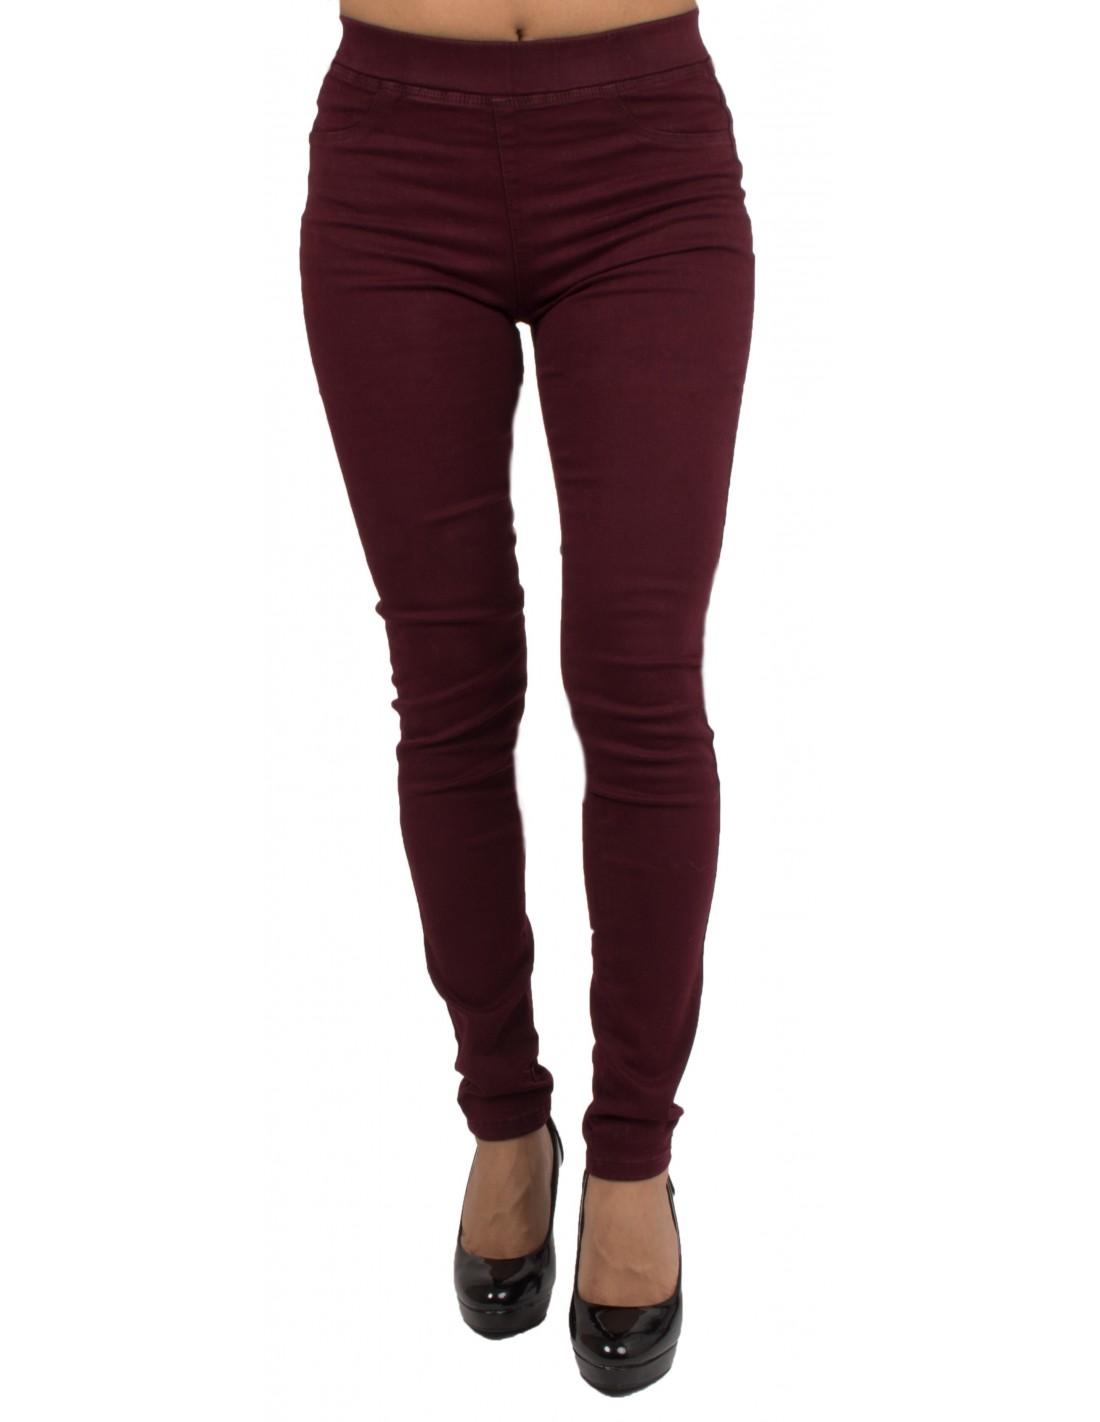 Jeans slim, droit, destroy... femme à prix mini - Primtex e2b5cb0bd551